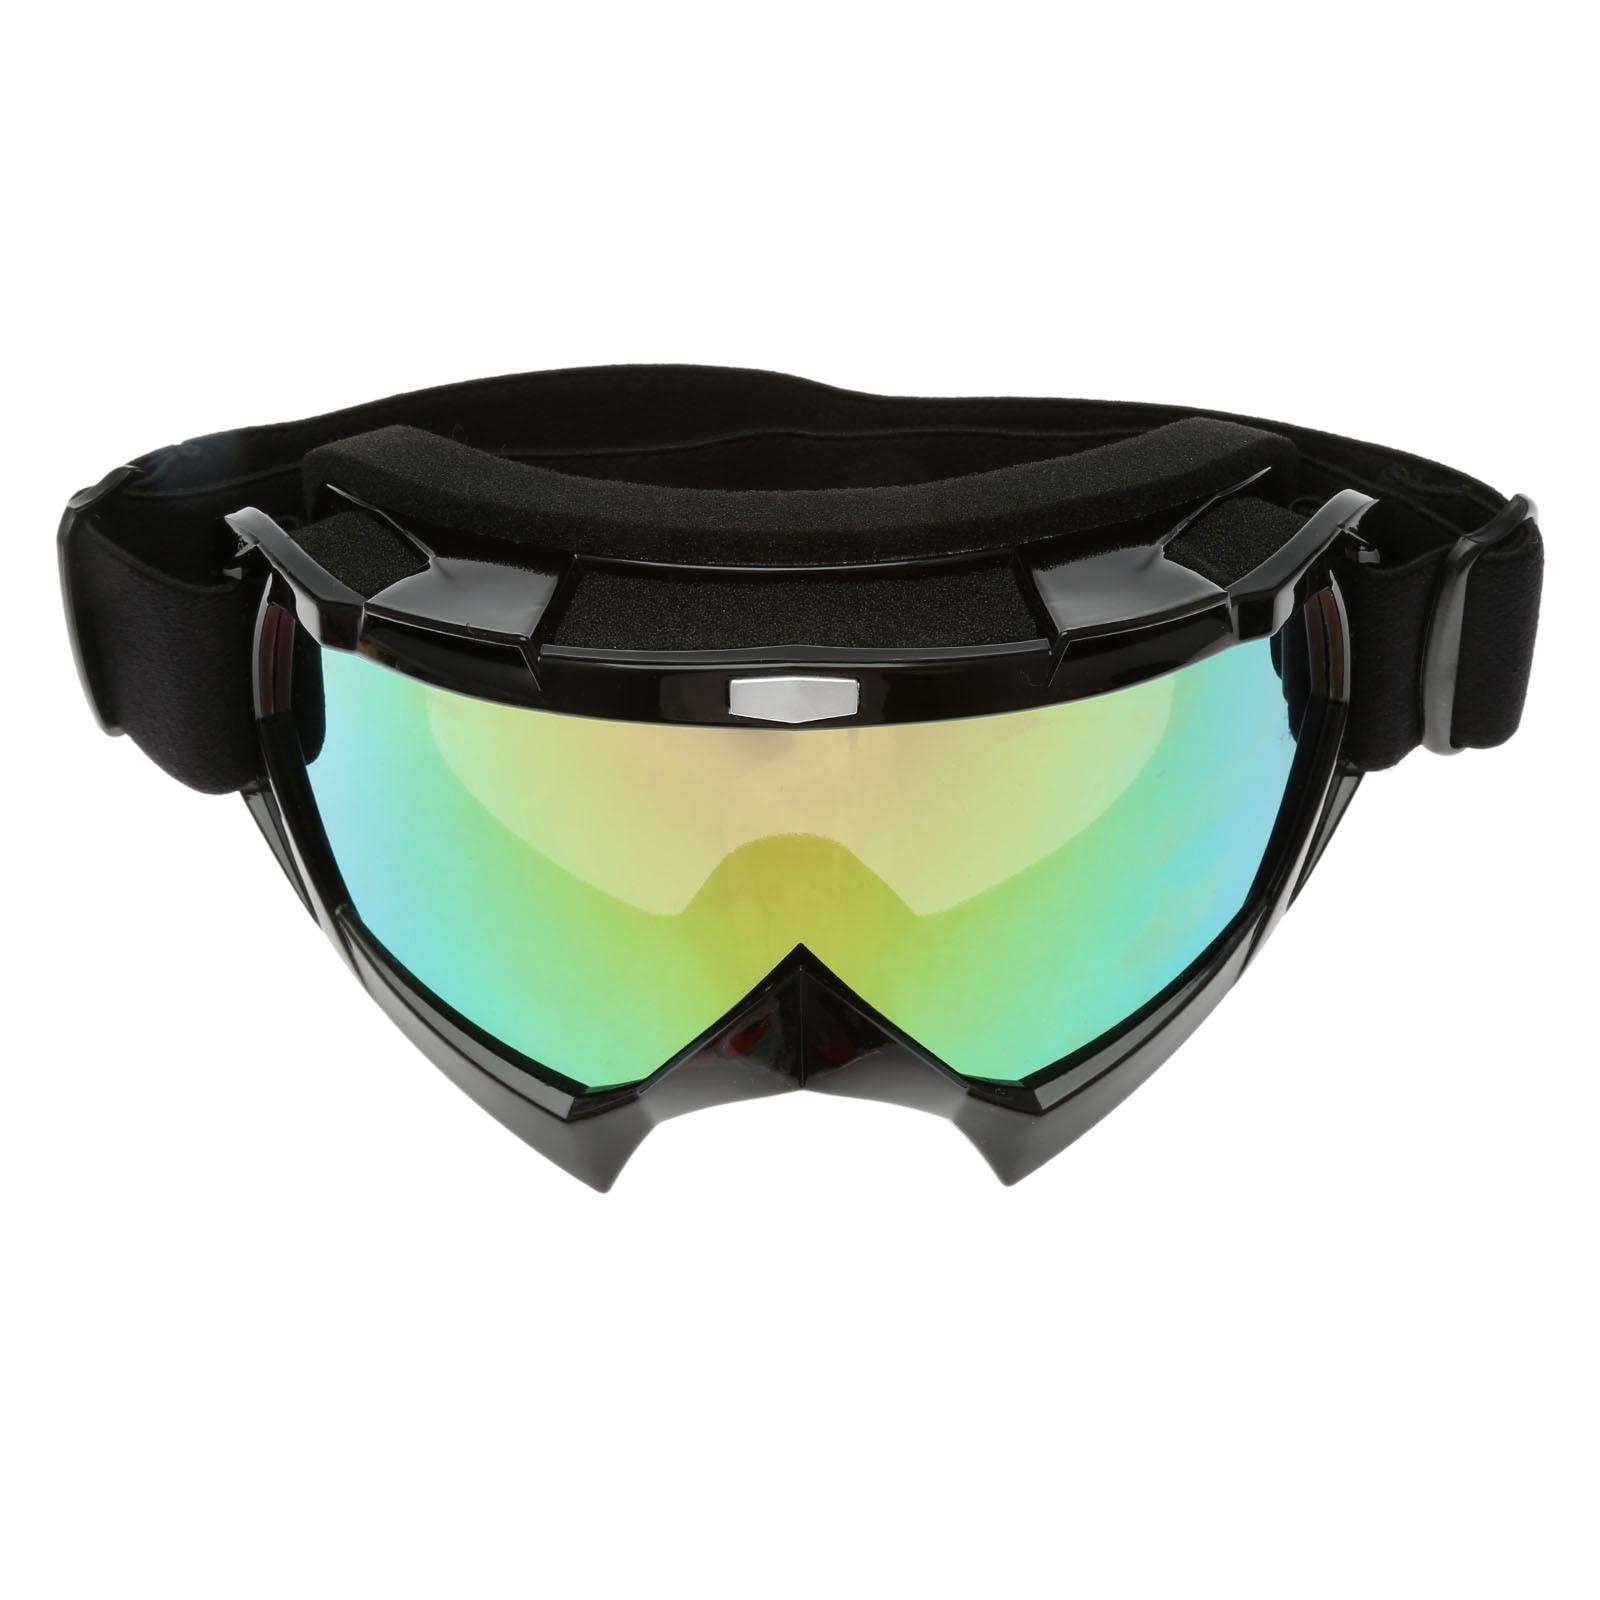 Lunettes de cyclisme UV400 descente course moto lunettes de soleil amovibles protège-nez usure avec casque sports de plein air (Chaux) IN5cSq